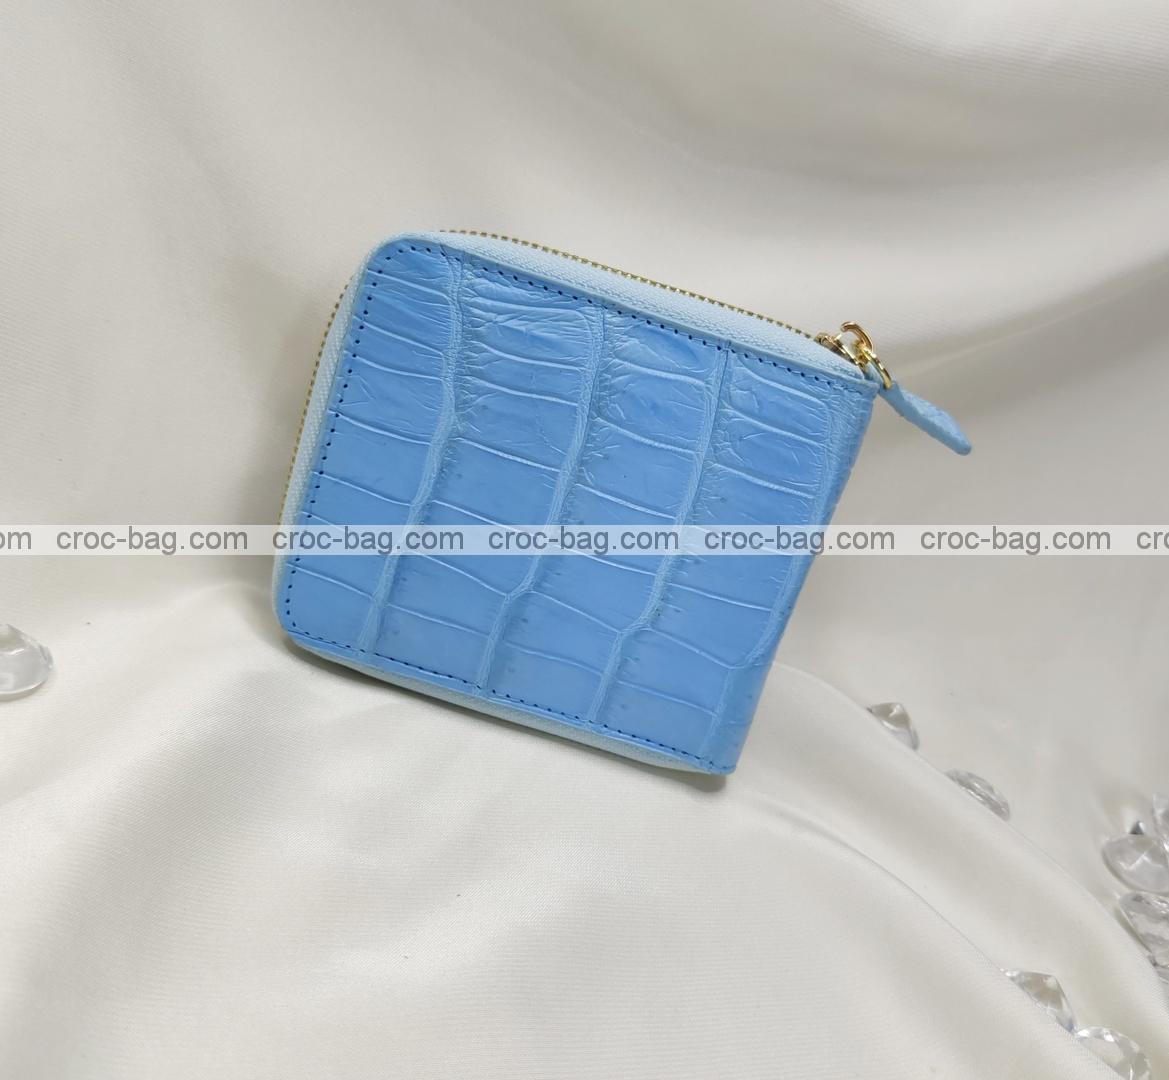 กระเป๋าหนังจระเข้สำหรับผู้หญิง 5369